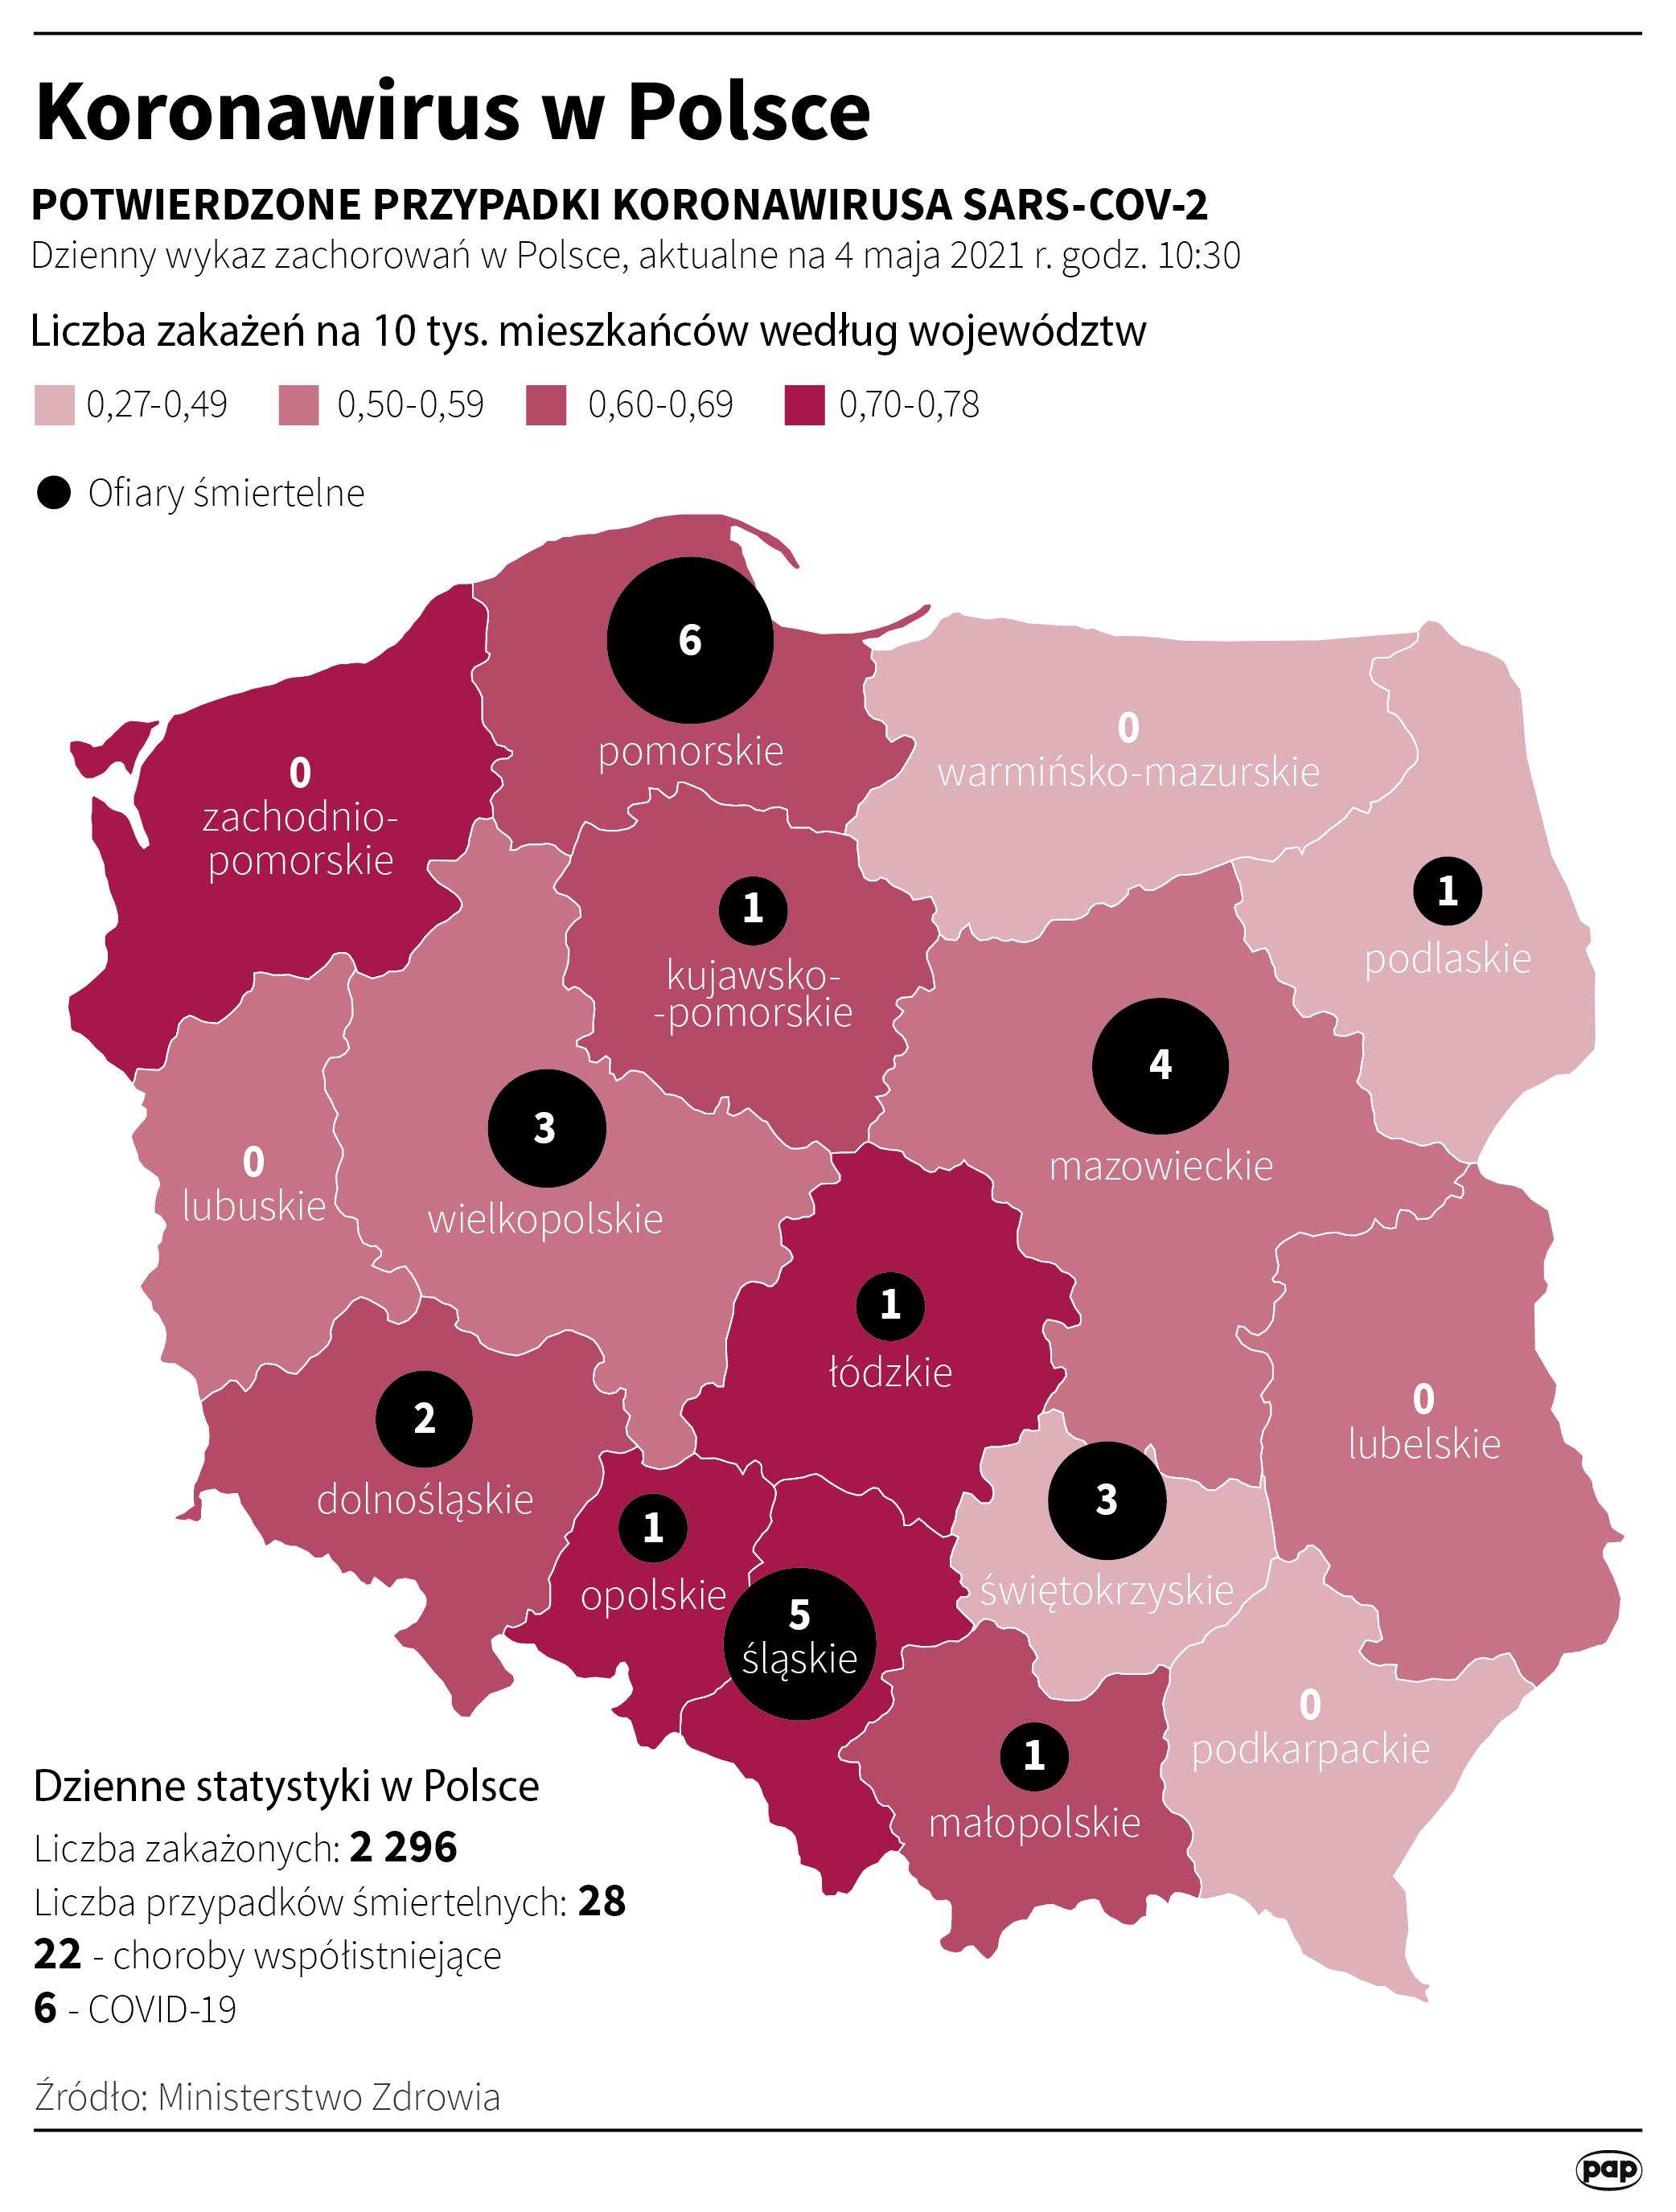 Koronawirus w Polsce - stan na 4 maja [Autor: Maciej Zieliński, źródło: PAP]